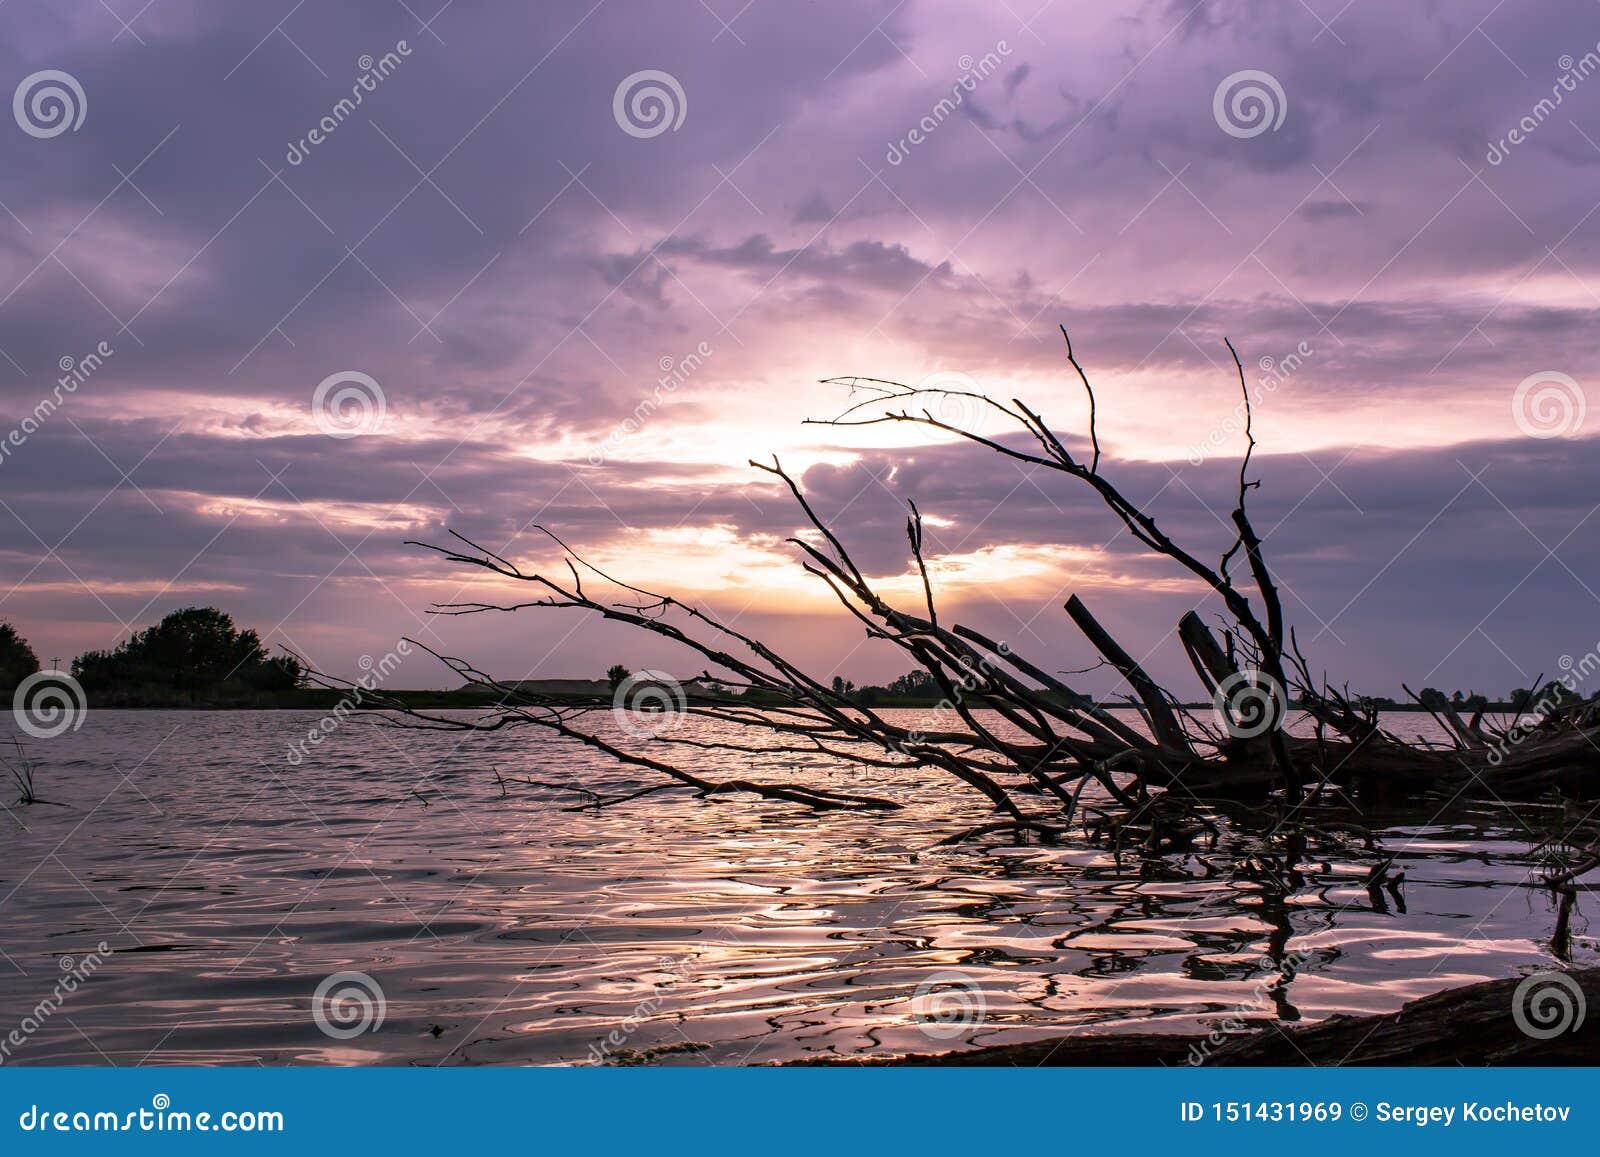 Härlig purpurfärgad sommarsolnedgång på sjön